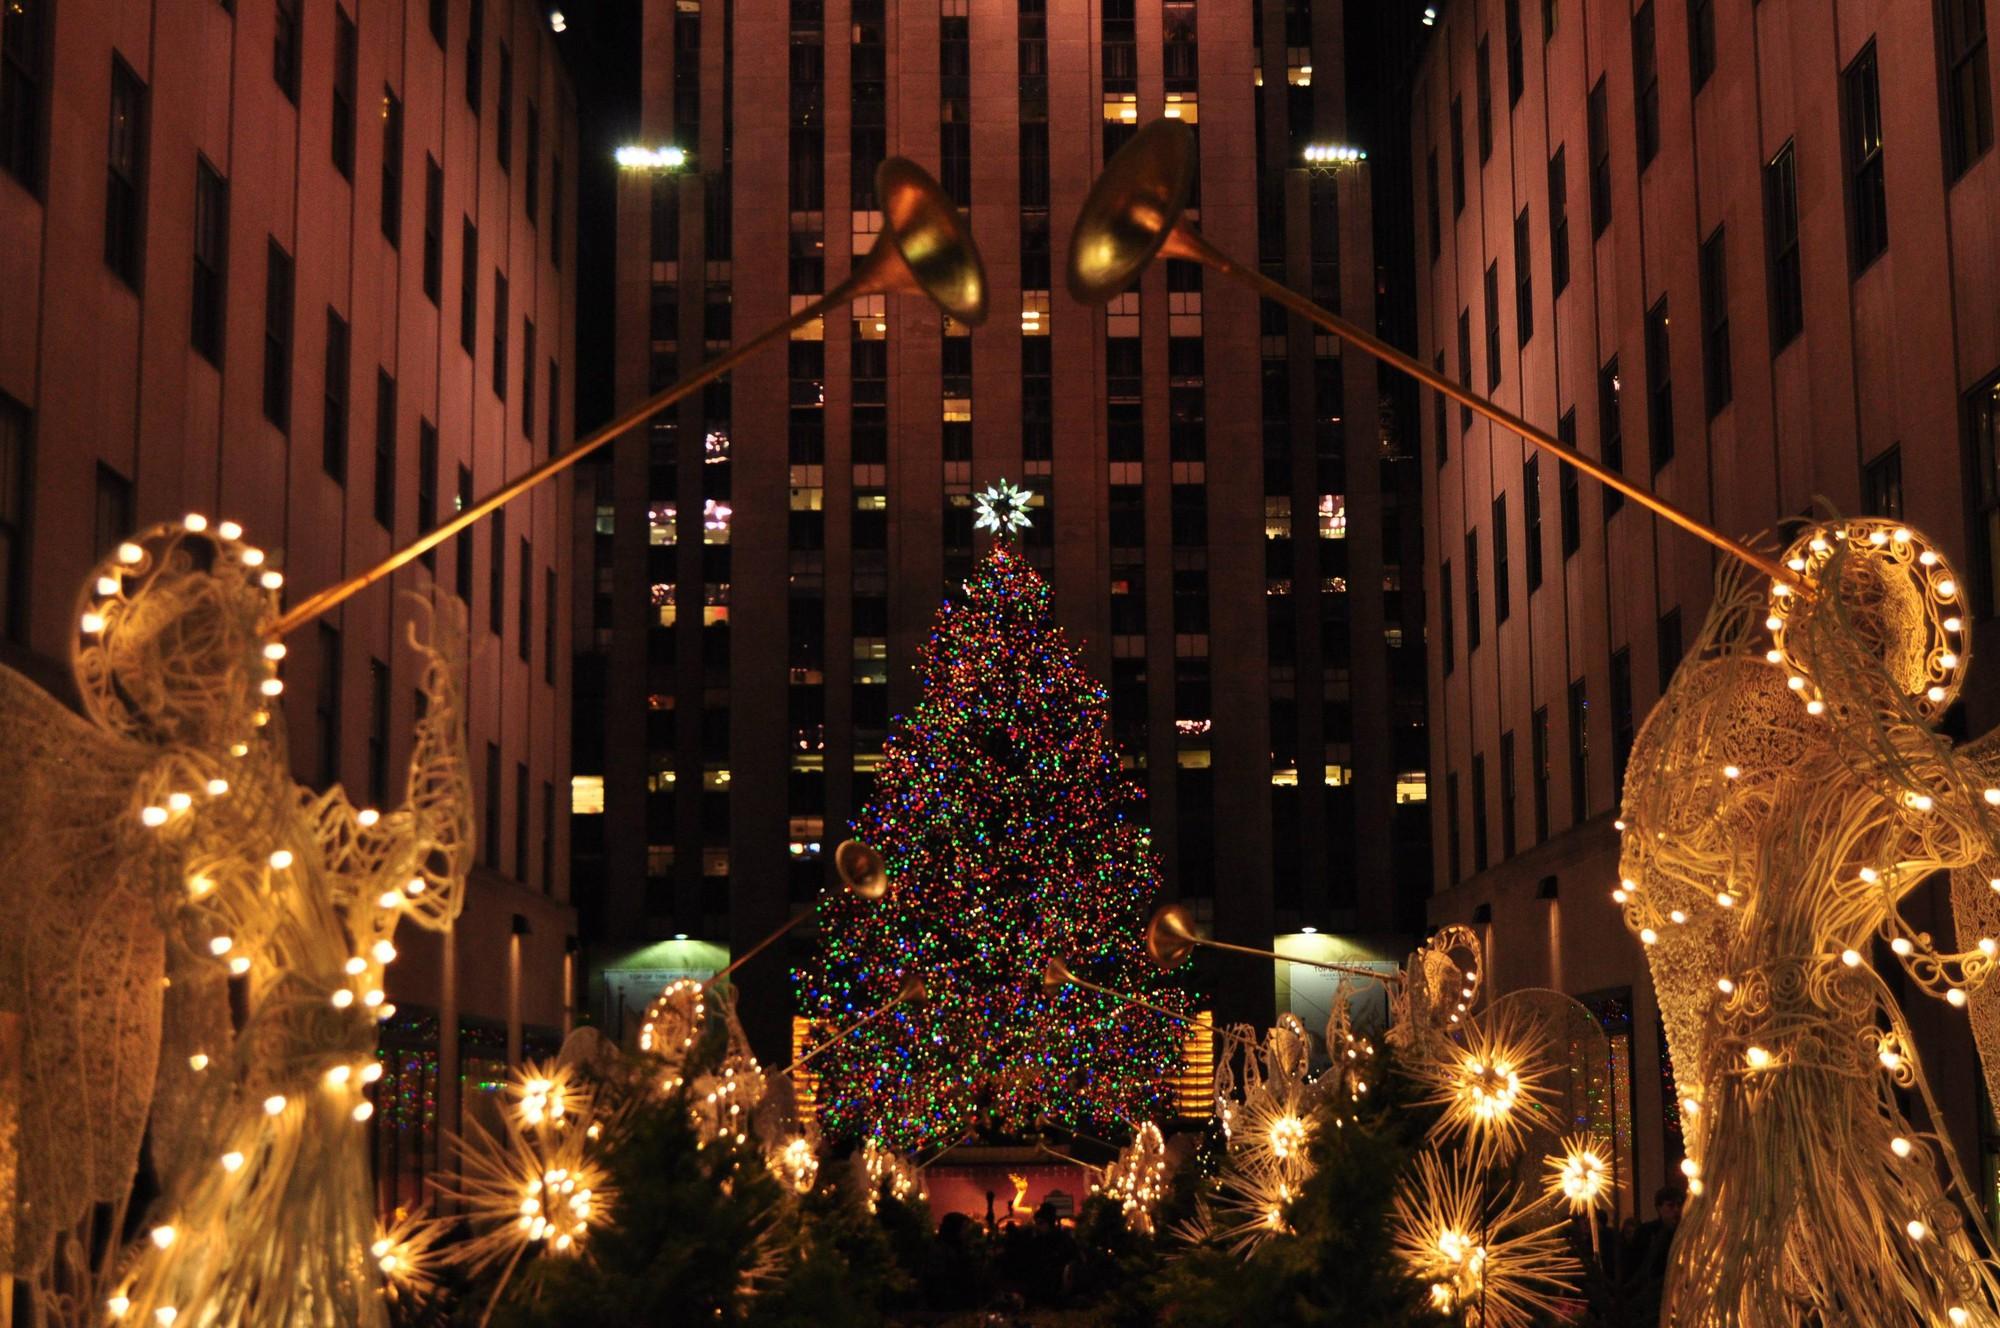 Khung cảnh đón Giáng sinh sớm ở nhiều nơi trên khắp thế giới: Lộng lẫy, nguy nga và ấm áp - Ảnh 9.